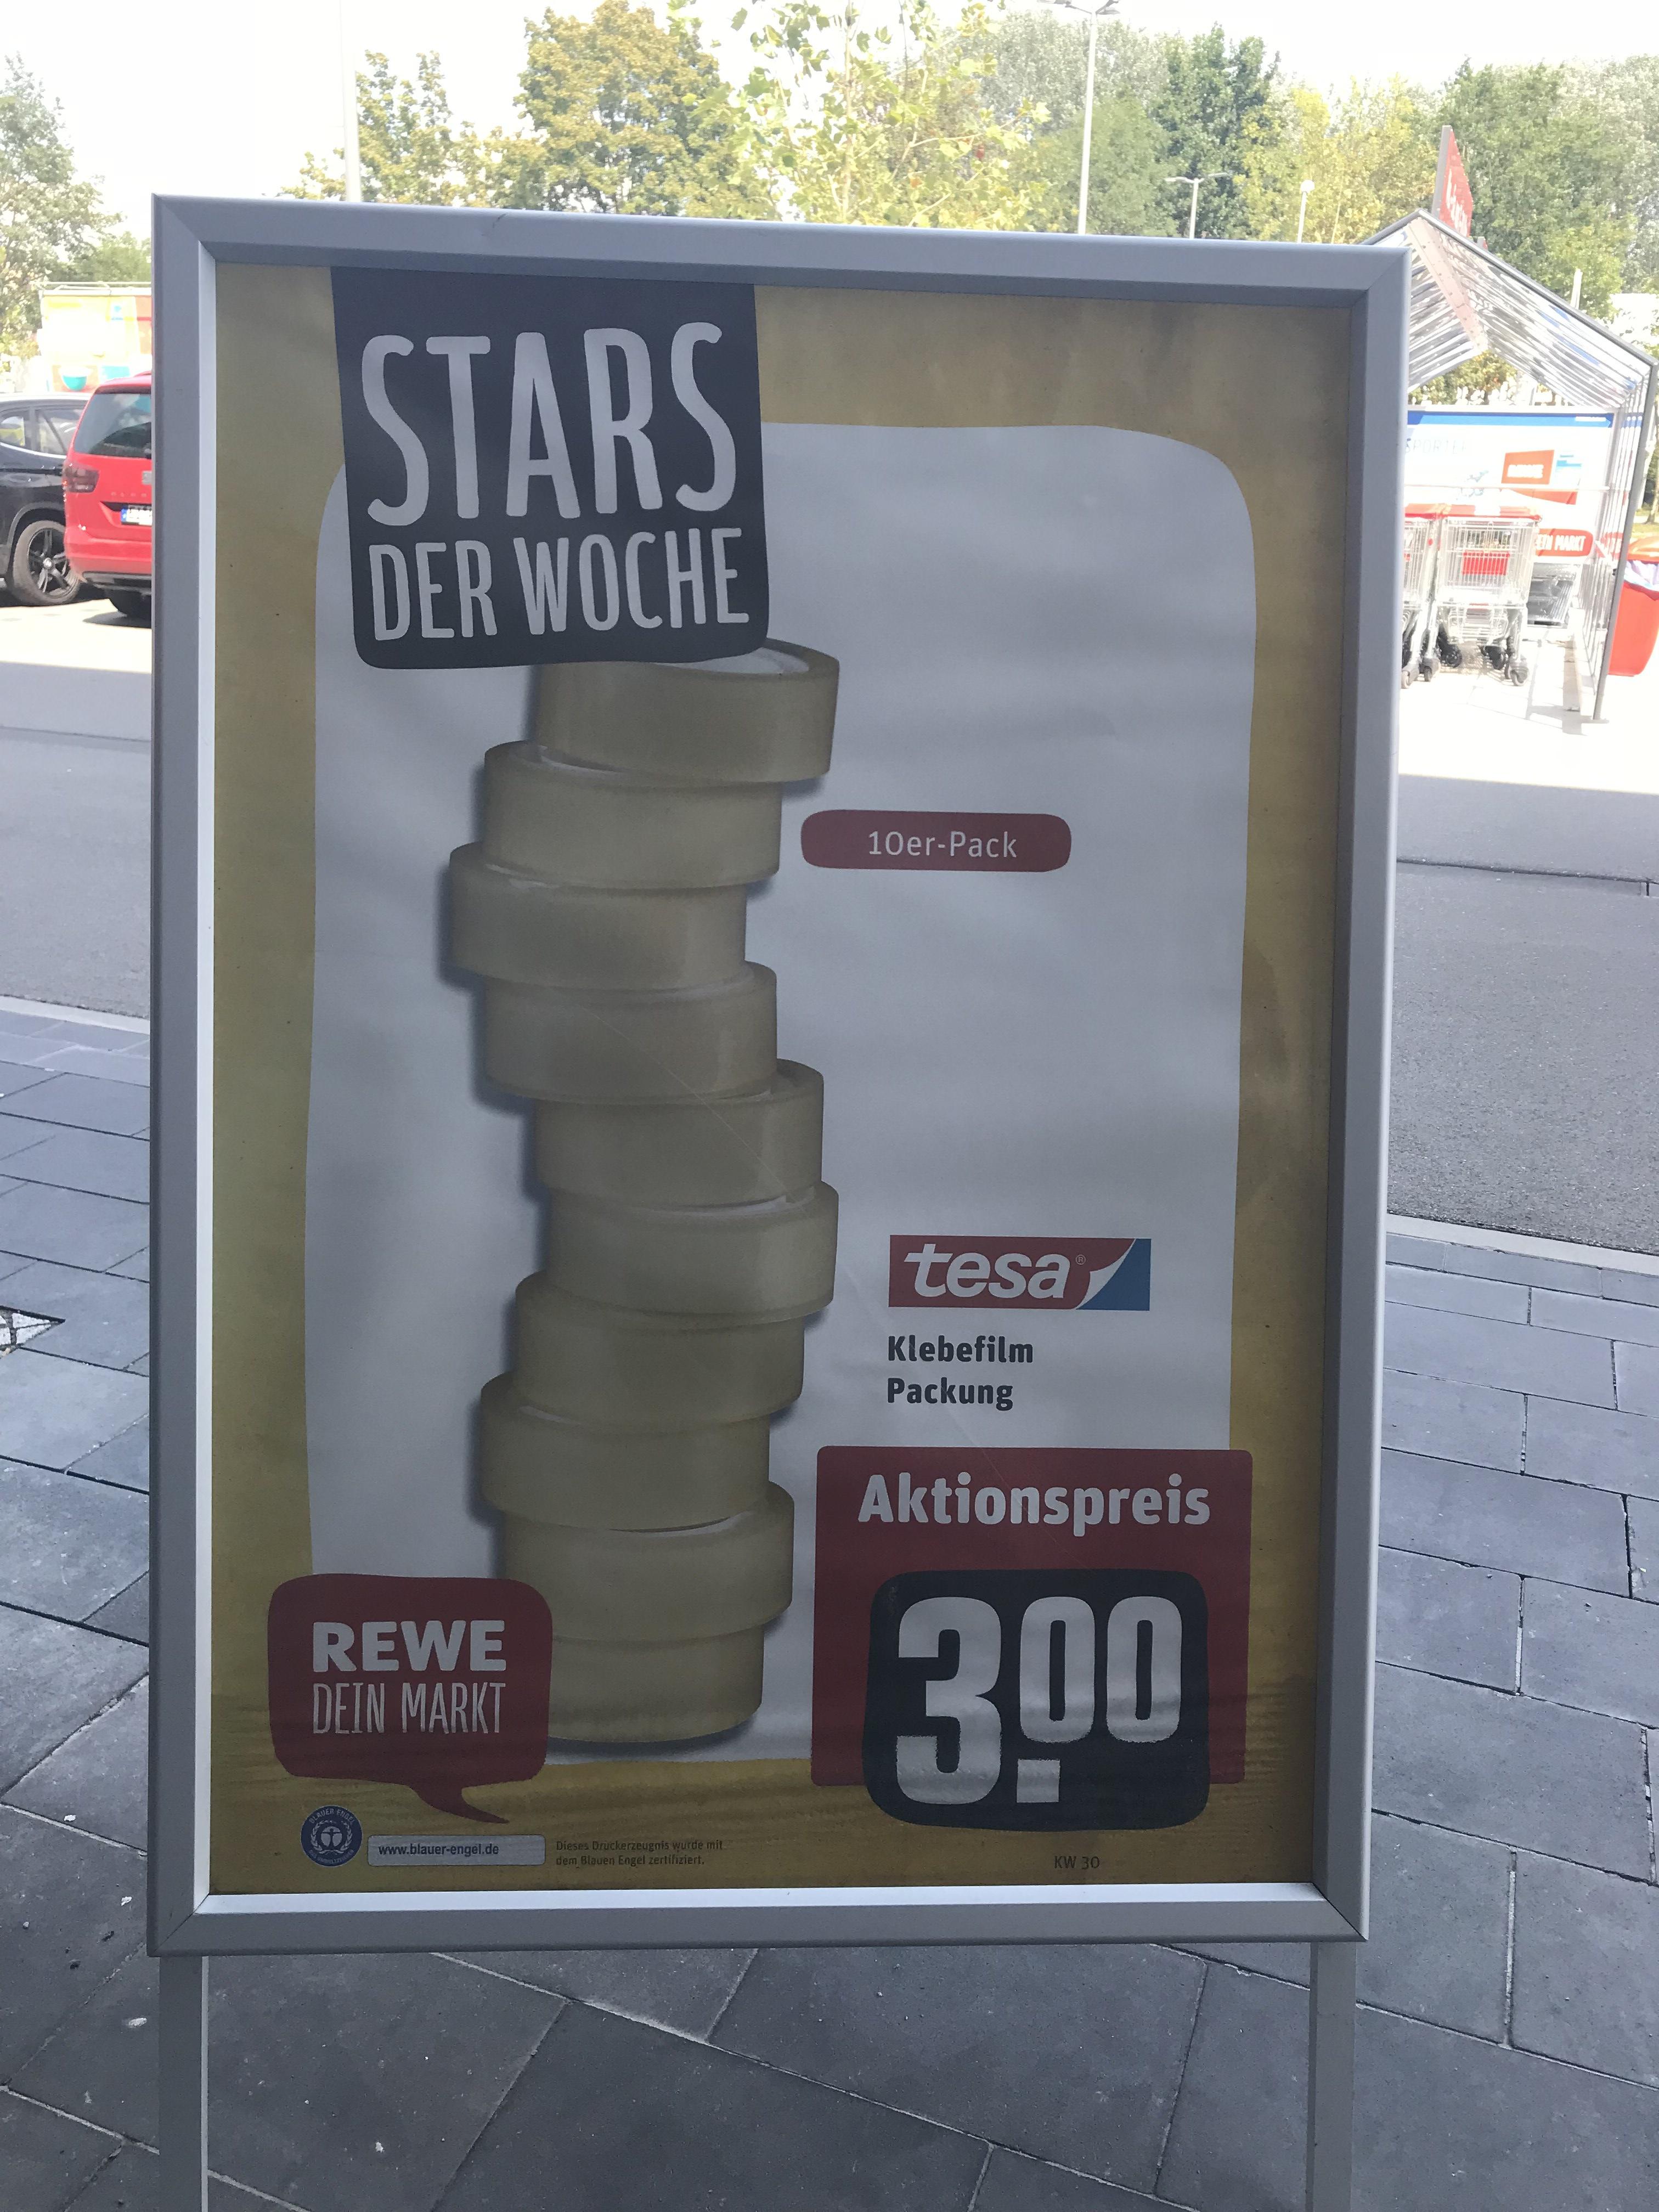 Rewe: 10 Rollen Tesa Tesafilm für 3€